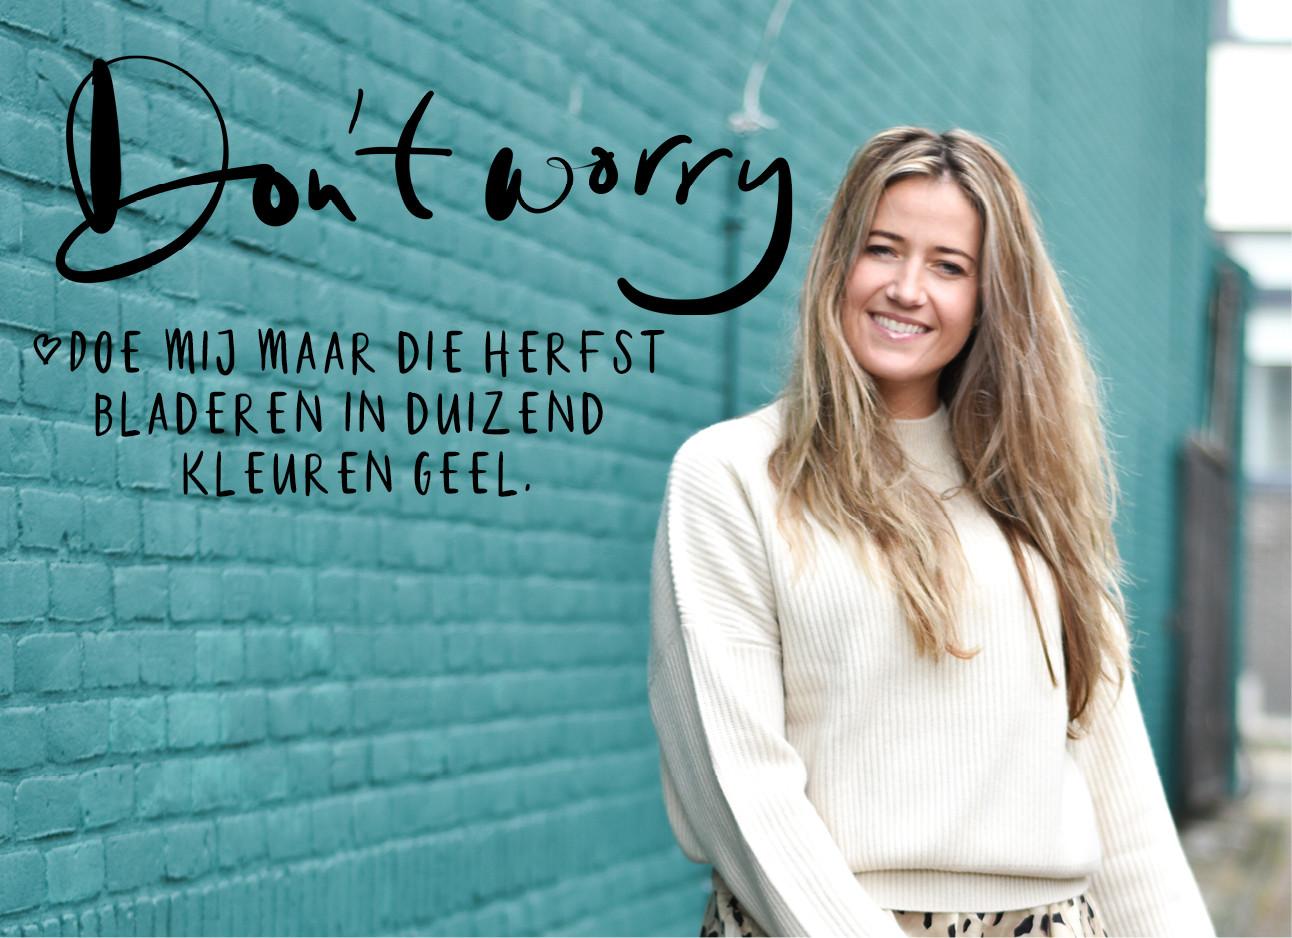 Tessa die een witte trui draagt met een panter rok, ze staat voor een mint blauwe muur